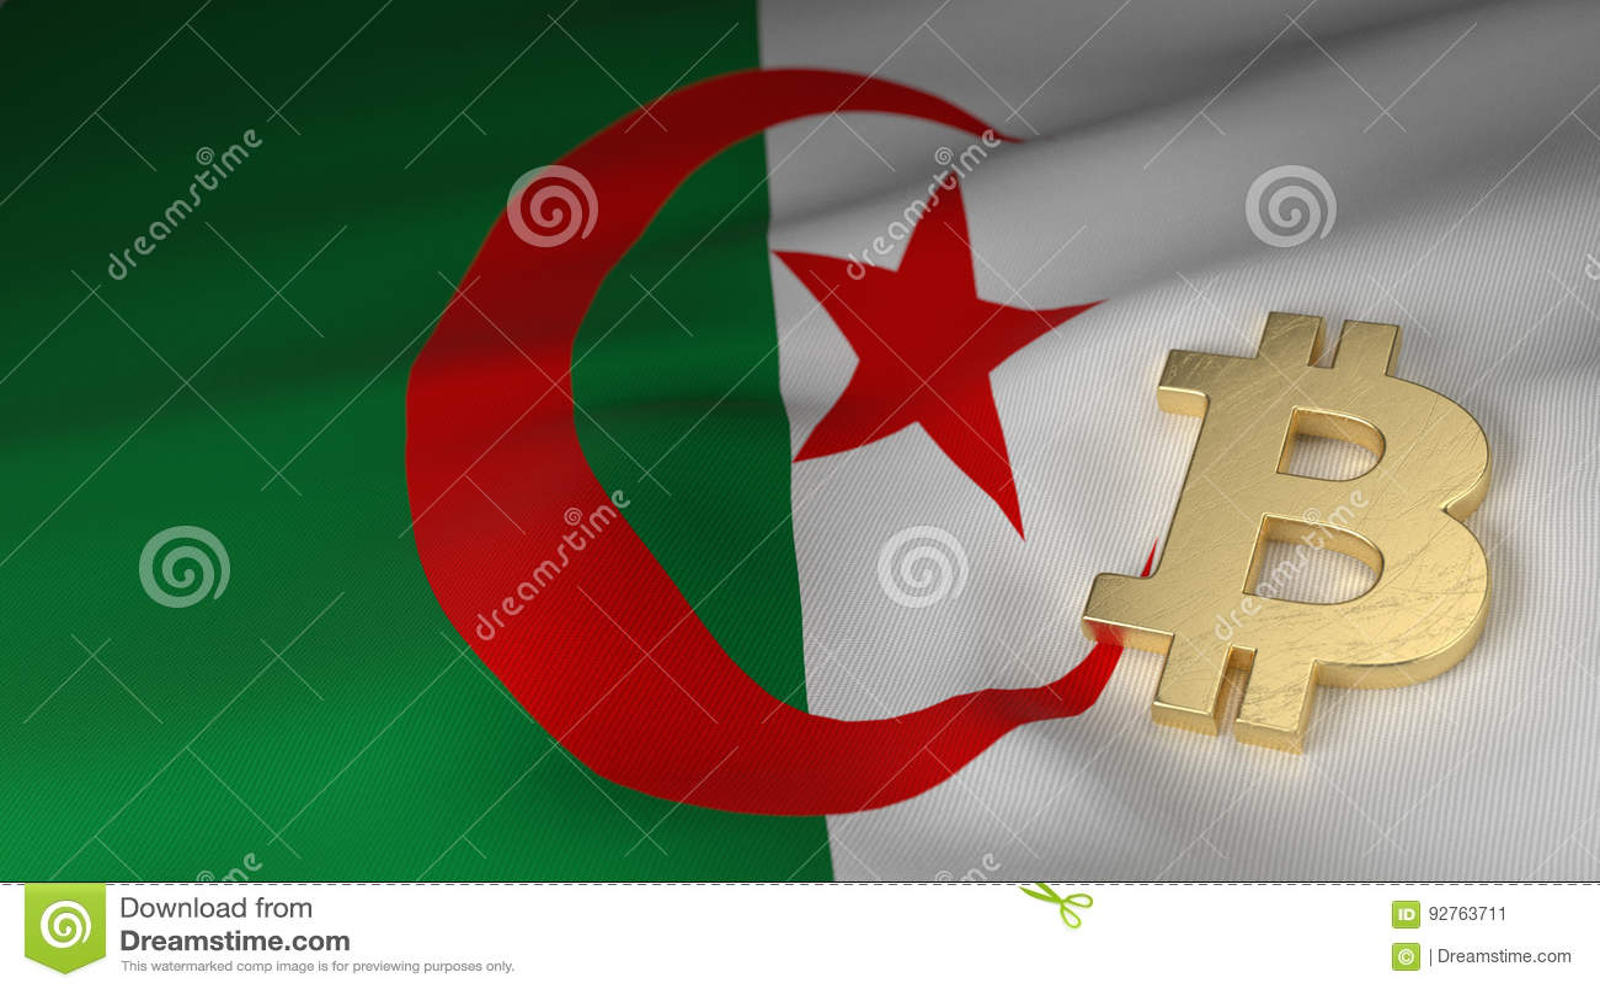 Bitcoin valutasymbol på flagga av Algeriet